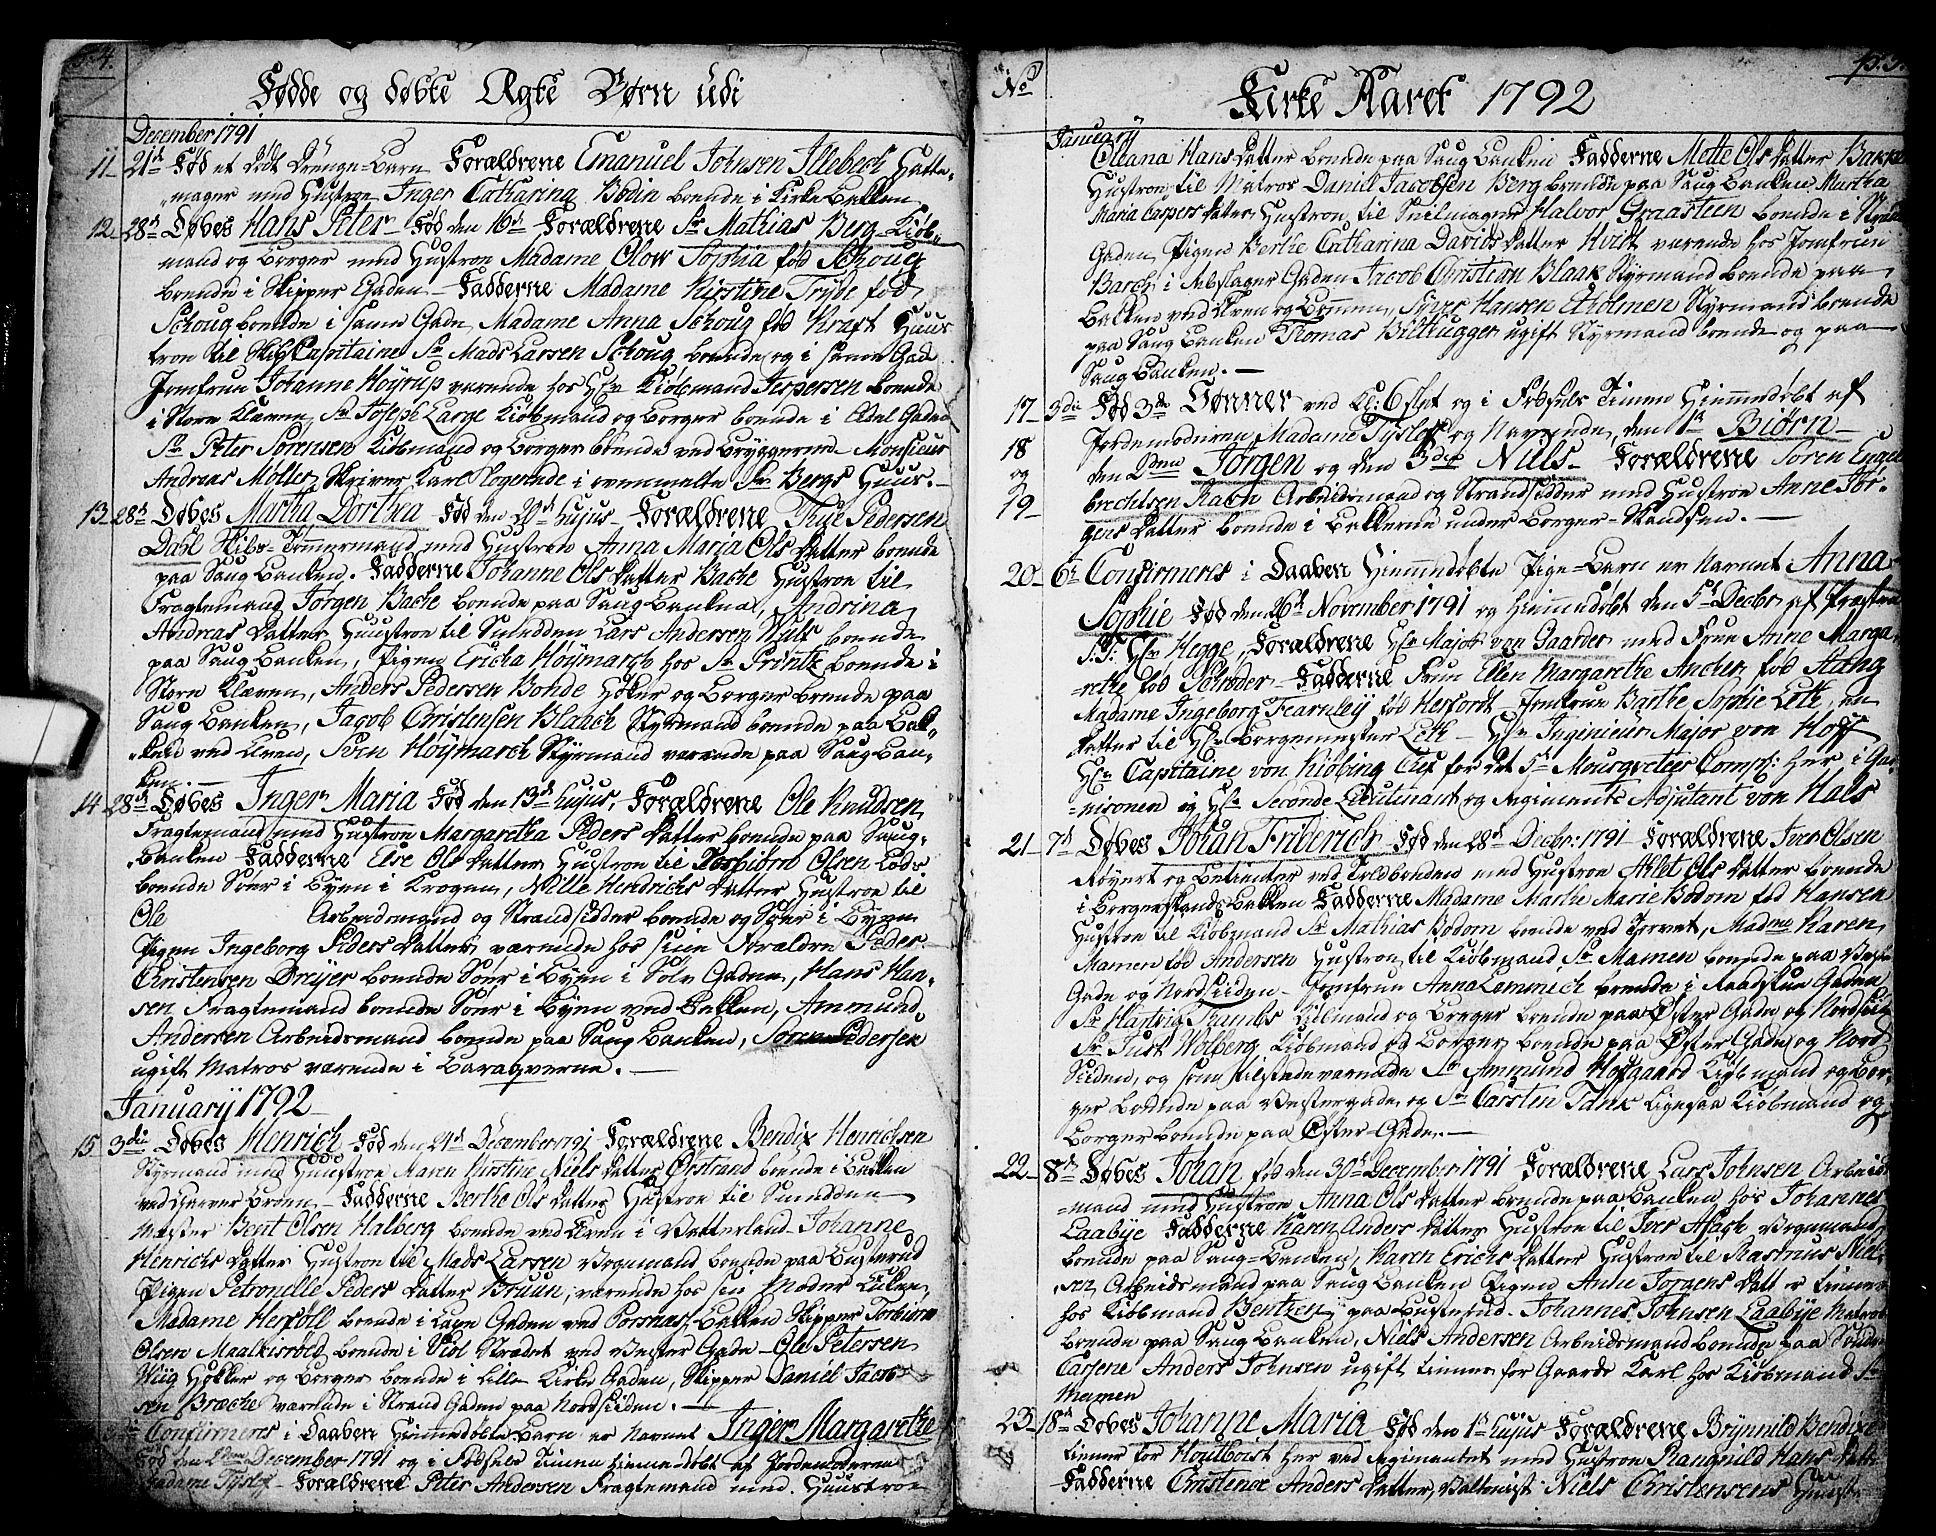 SAO, Halden prestekontor Kirkebøker, F/Fa/L0002: Ministerialbok nr. I 2, 1792-1812, s. 4-5